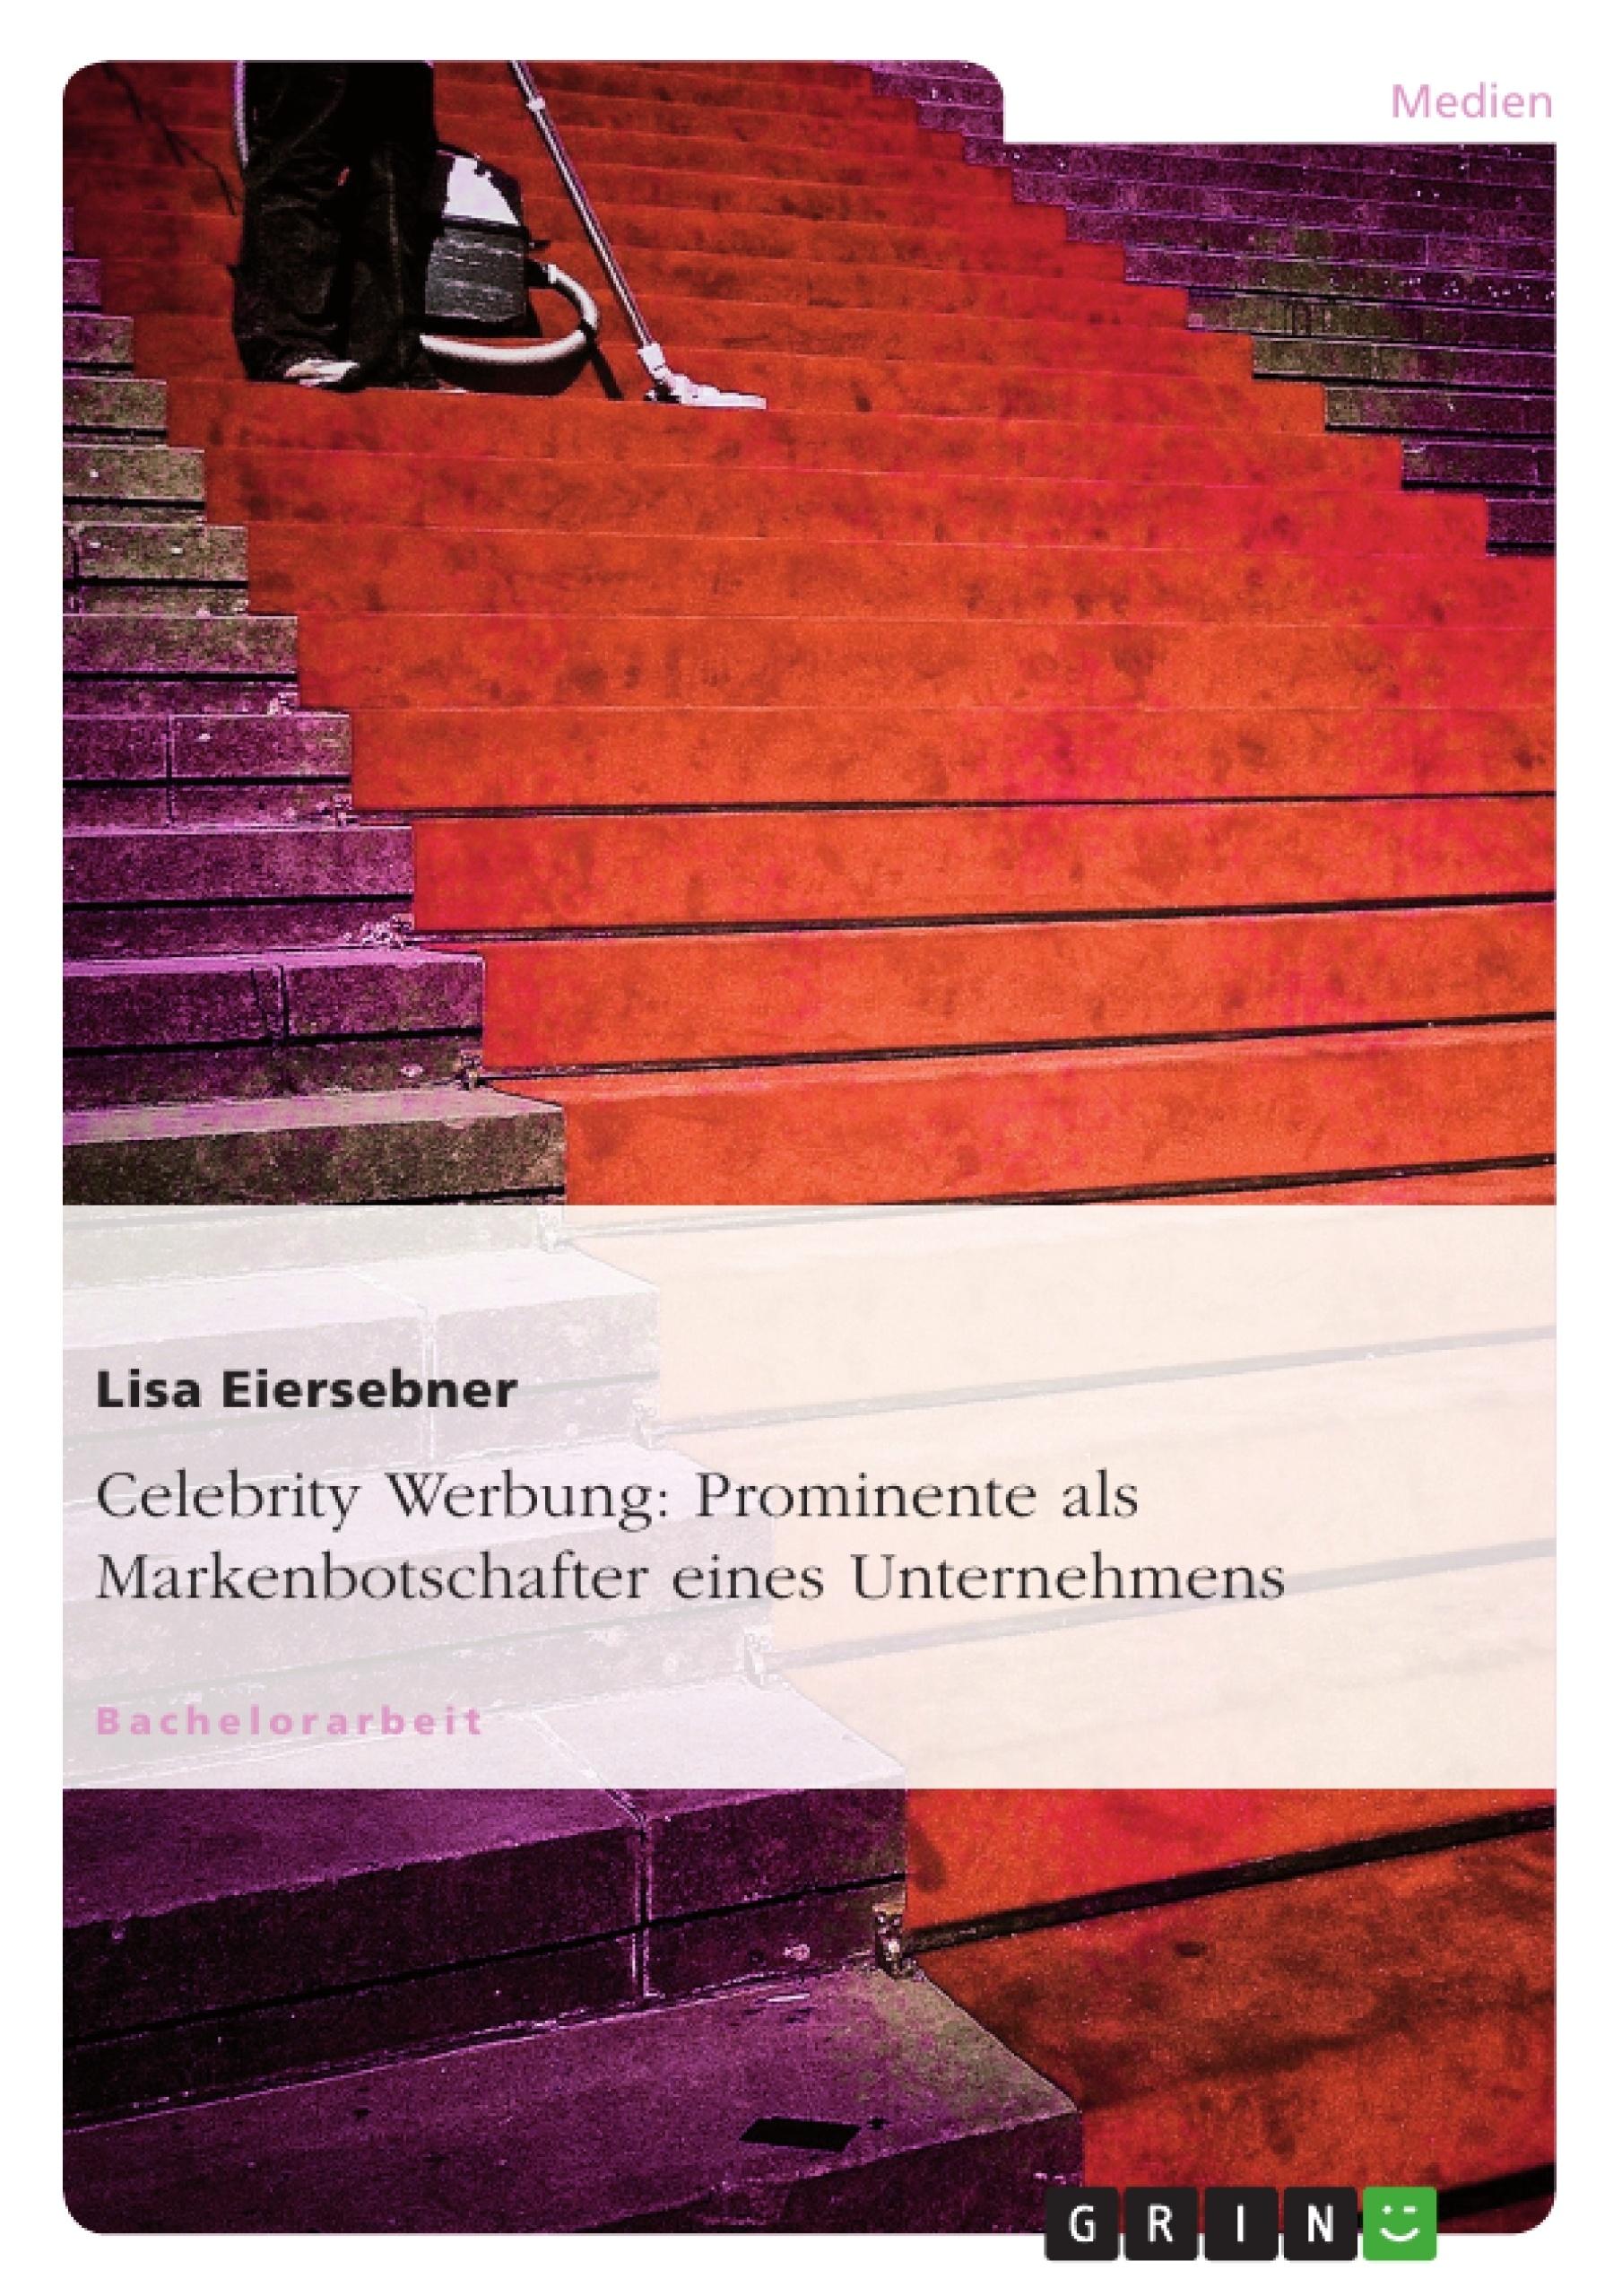 Schön Investor Relations Setzen Ihr Ziel Fort Fotos - Entry Level ...